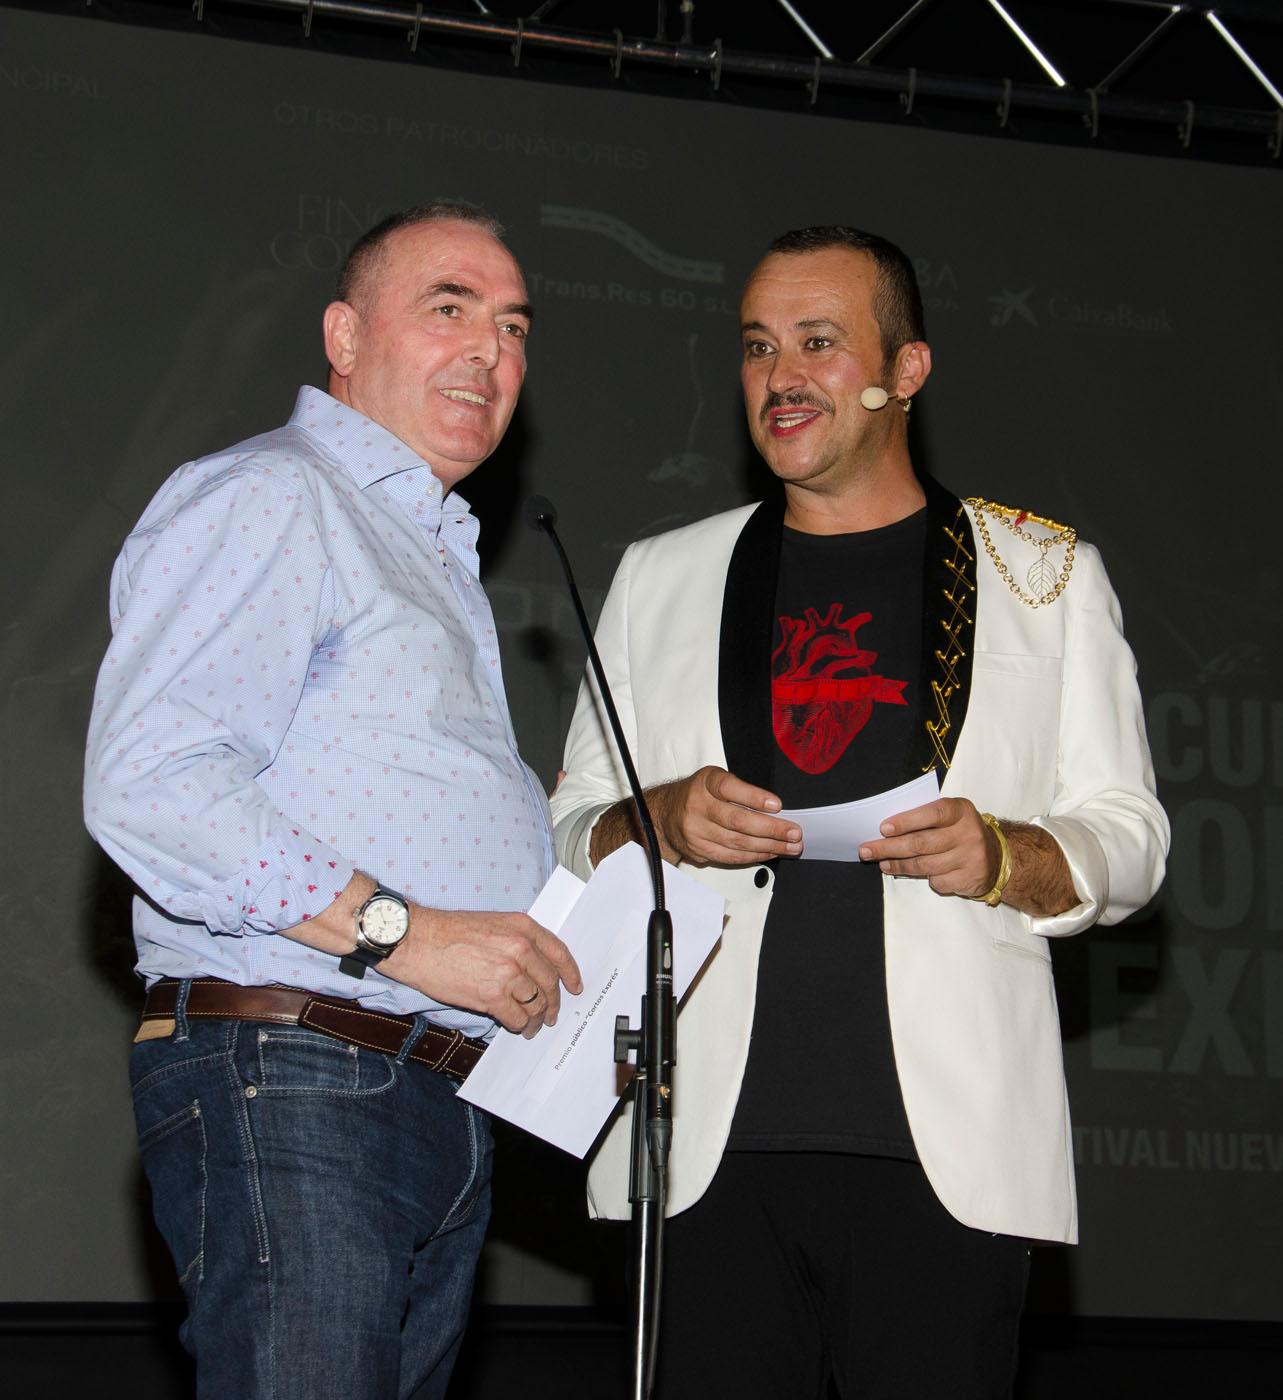 José Carrasco, alcalde de Casares, entrega el premio del público de Cortos Exprés